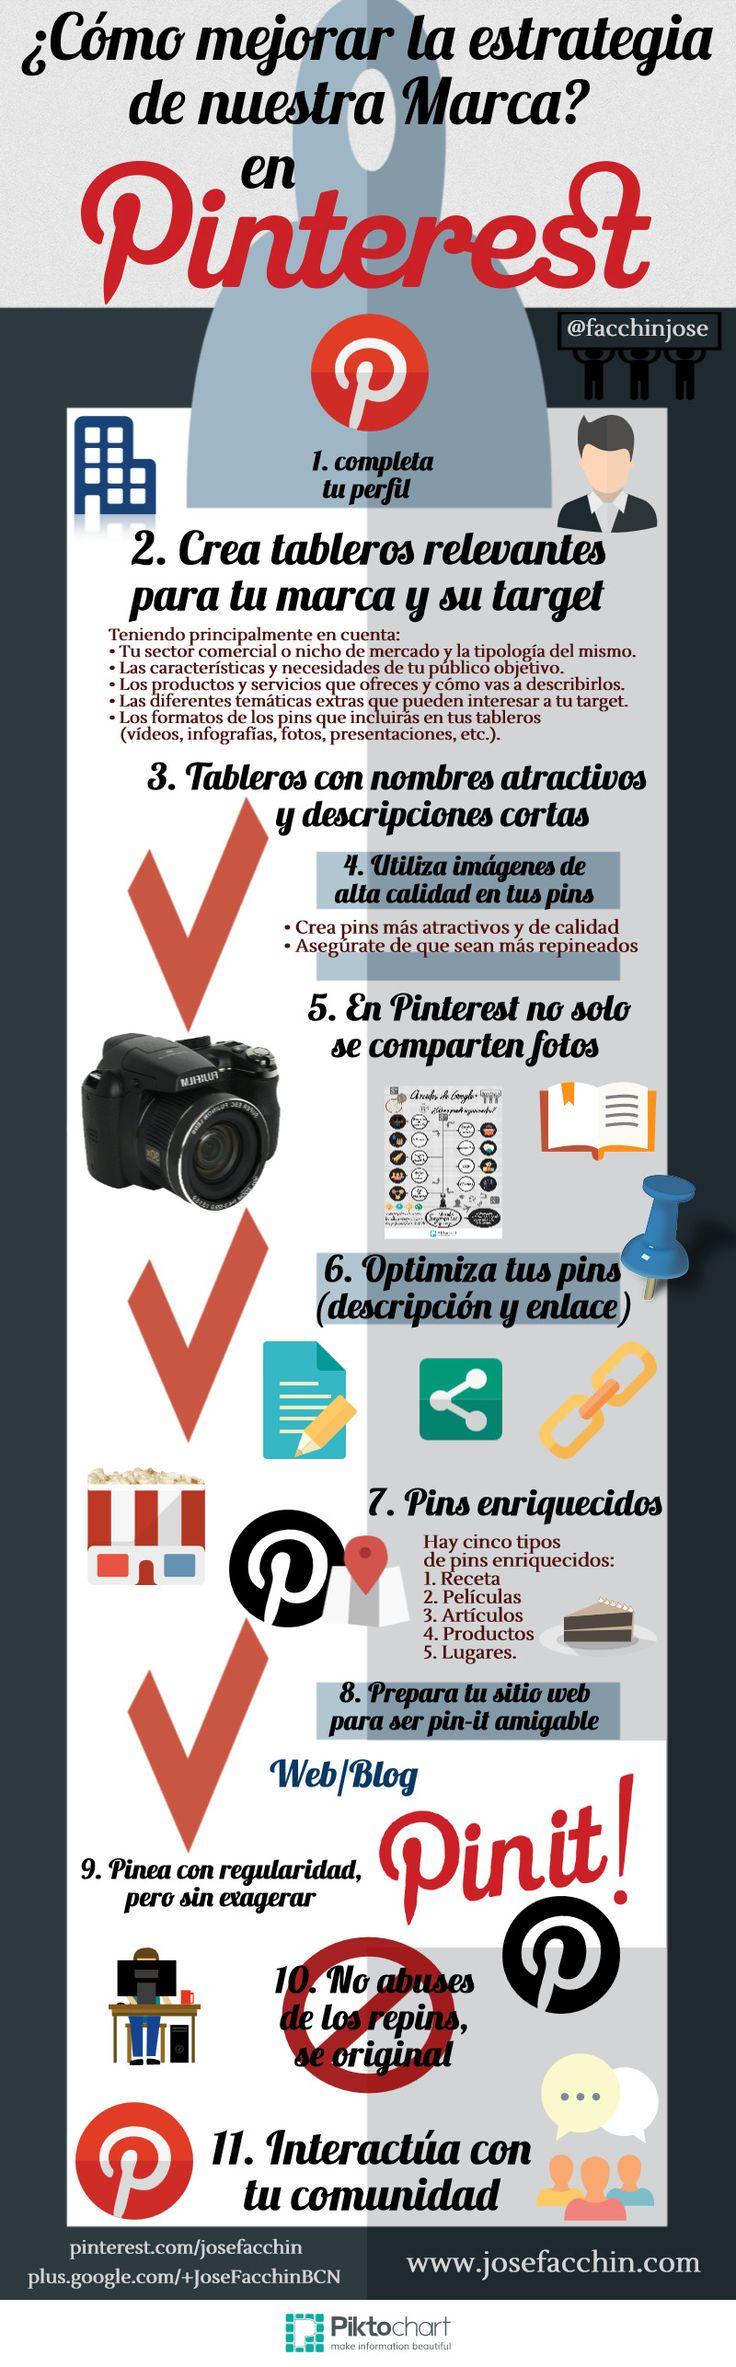 26 best images about pinterest on pinterest engagement for Pinterest en espanol